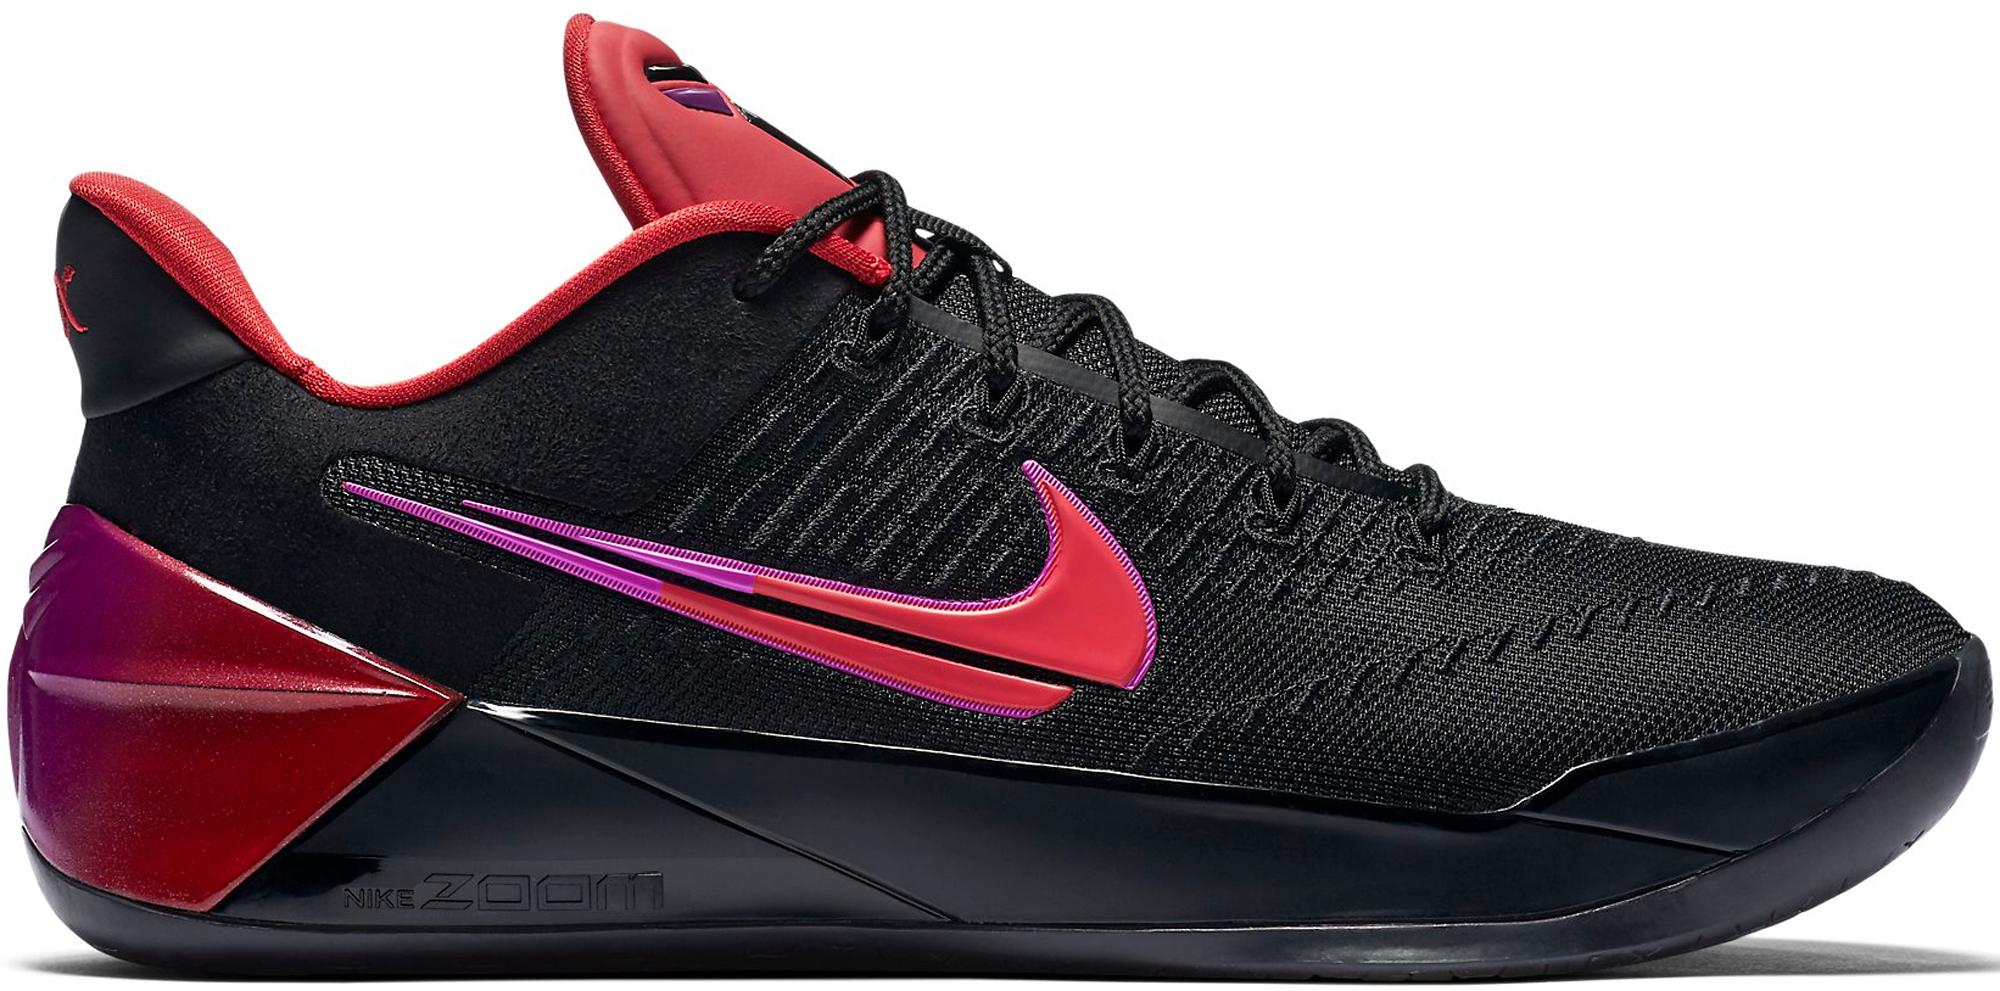 Nike Kobe A.D. Flip The Switch - StockX